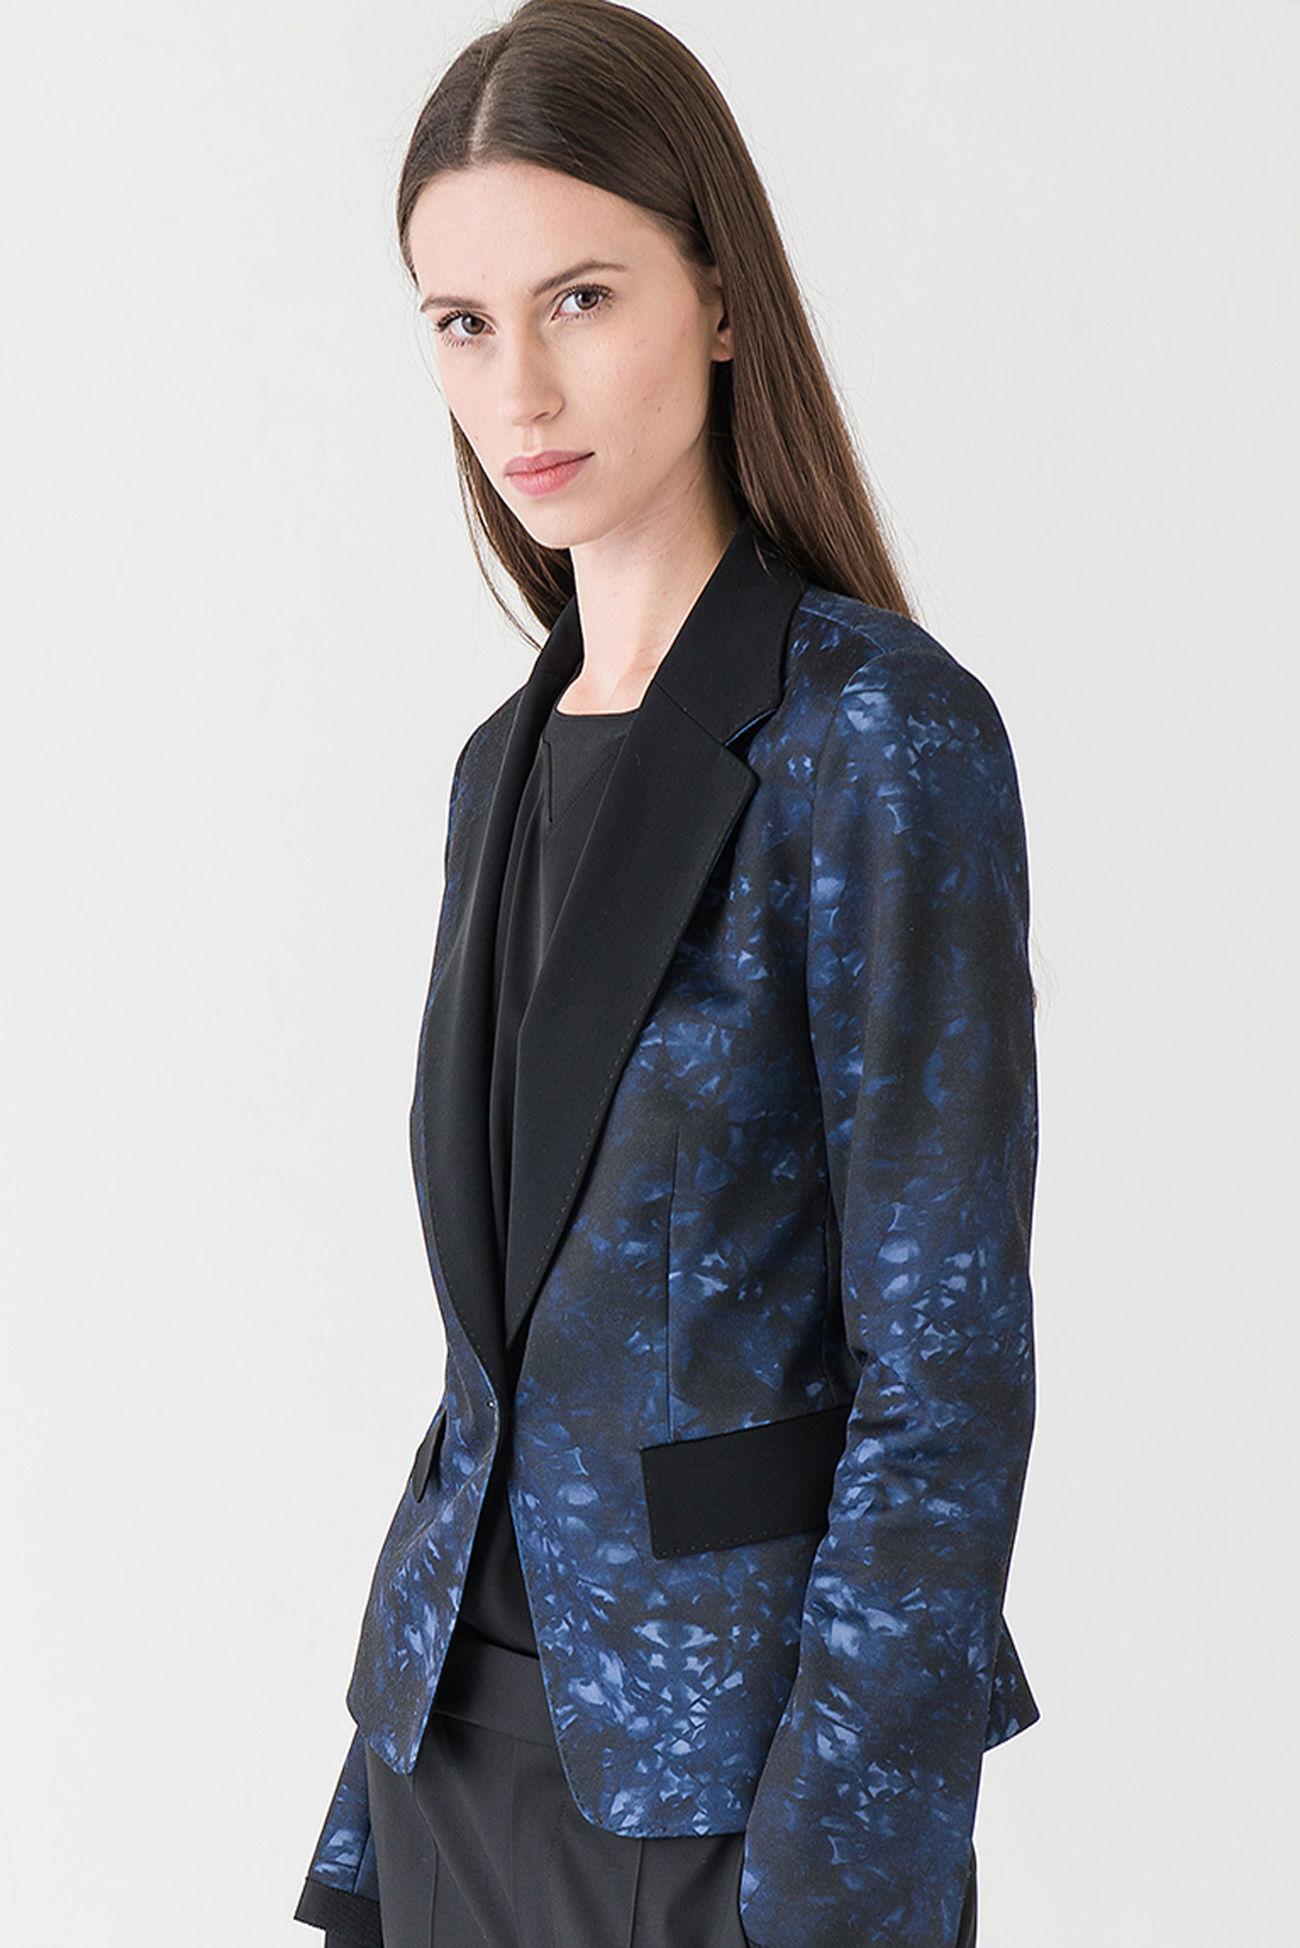 Punto Milano blazer in blue Batik print